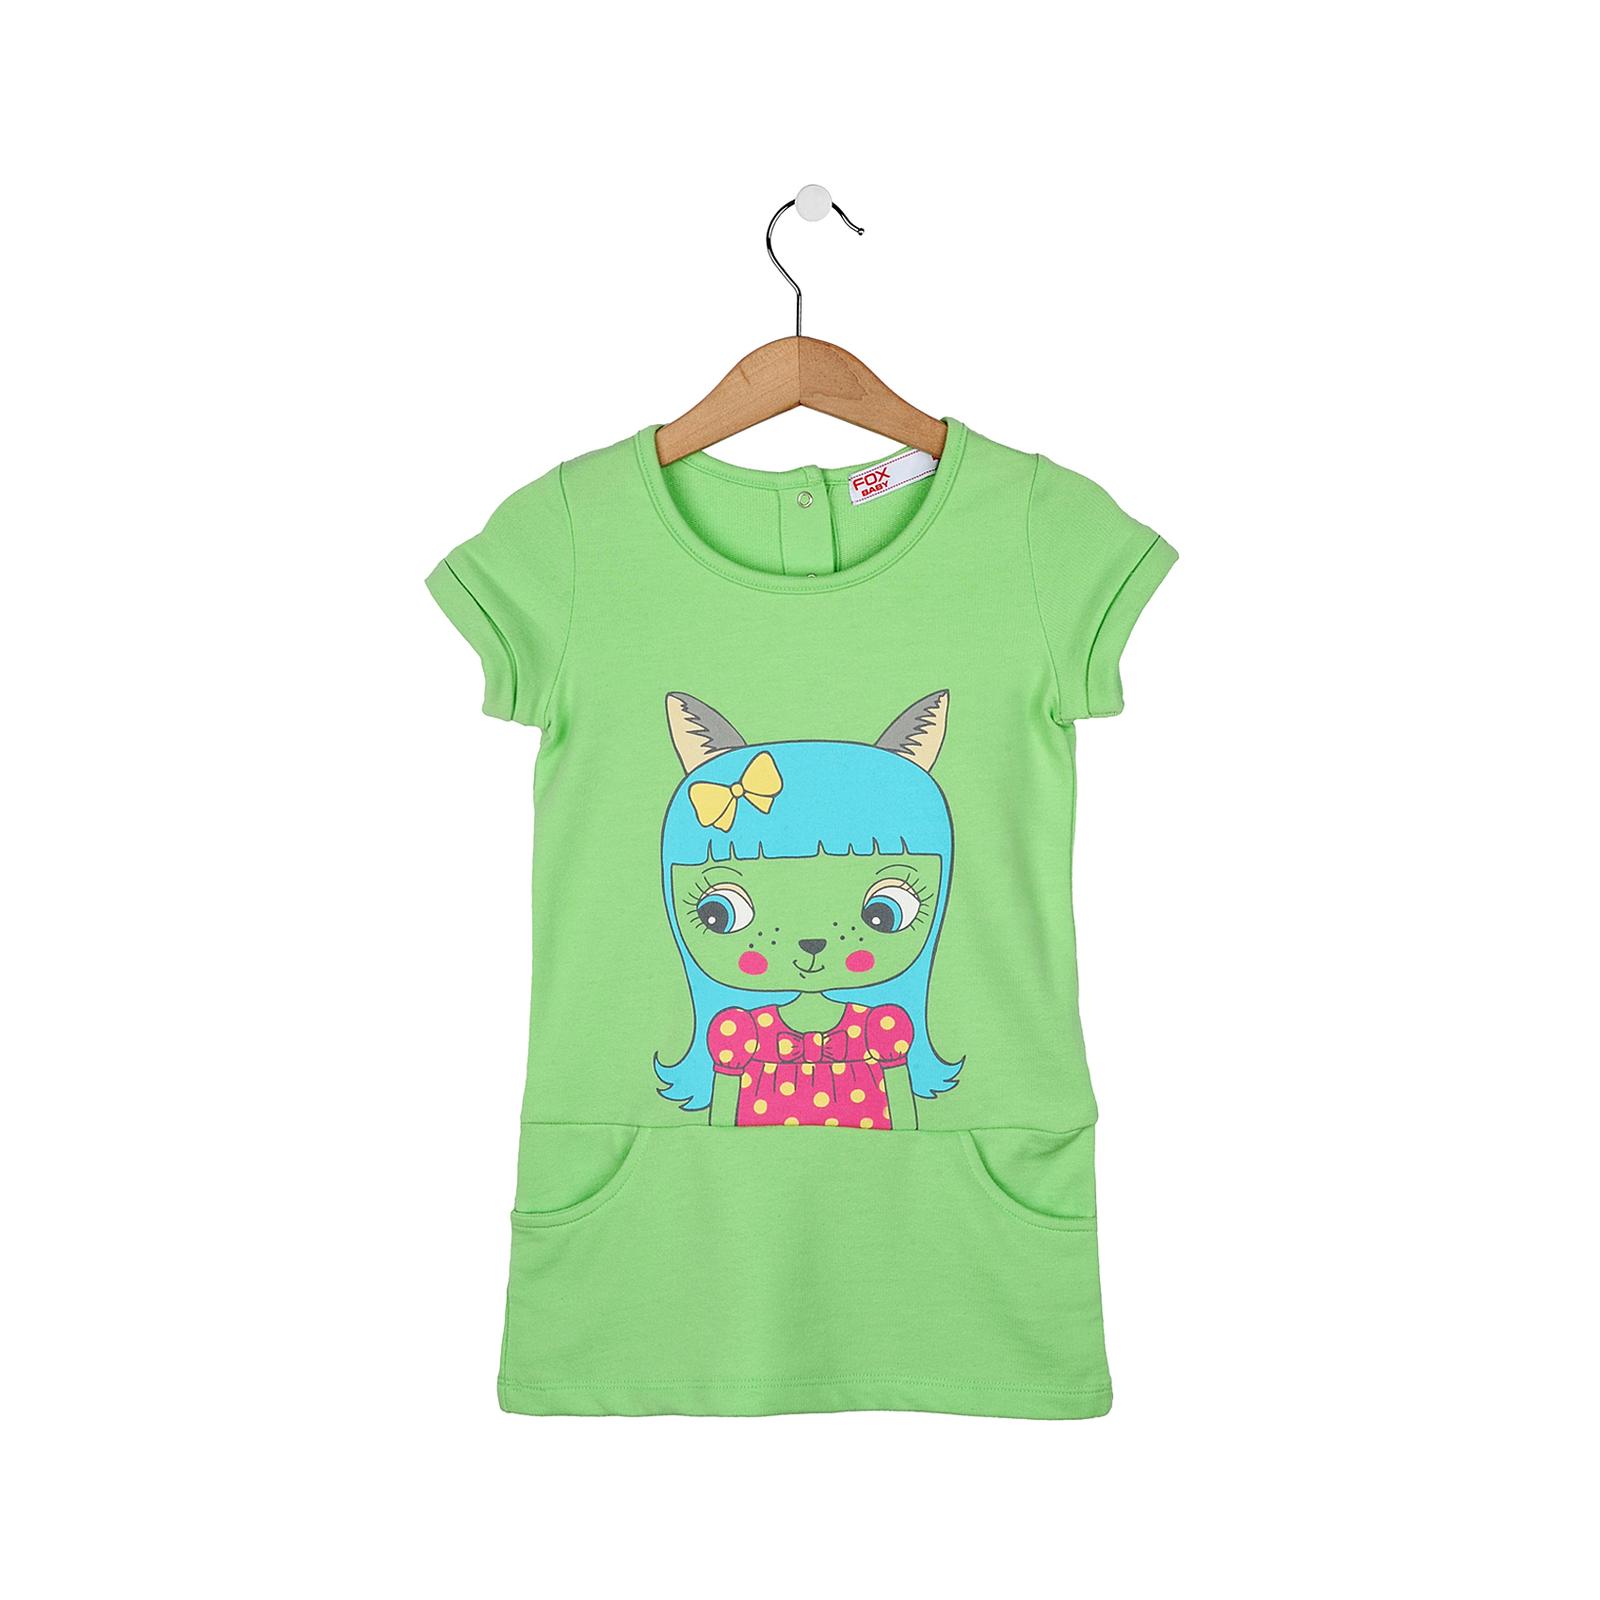 Платье для девочек FOX, цвет мятный 6-12 мес.